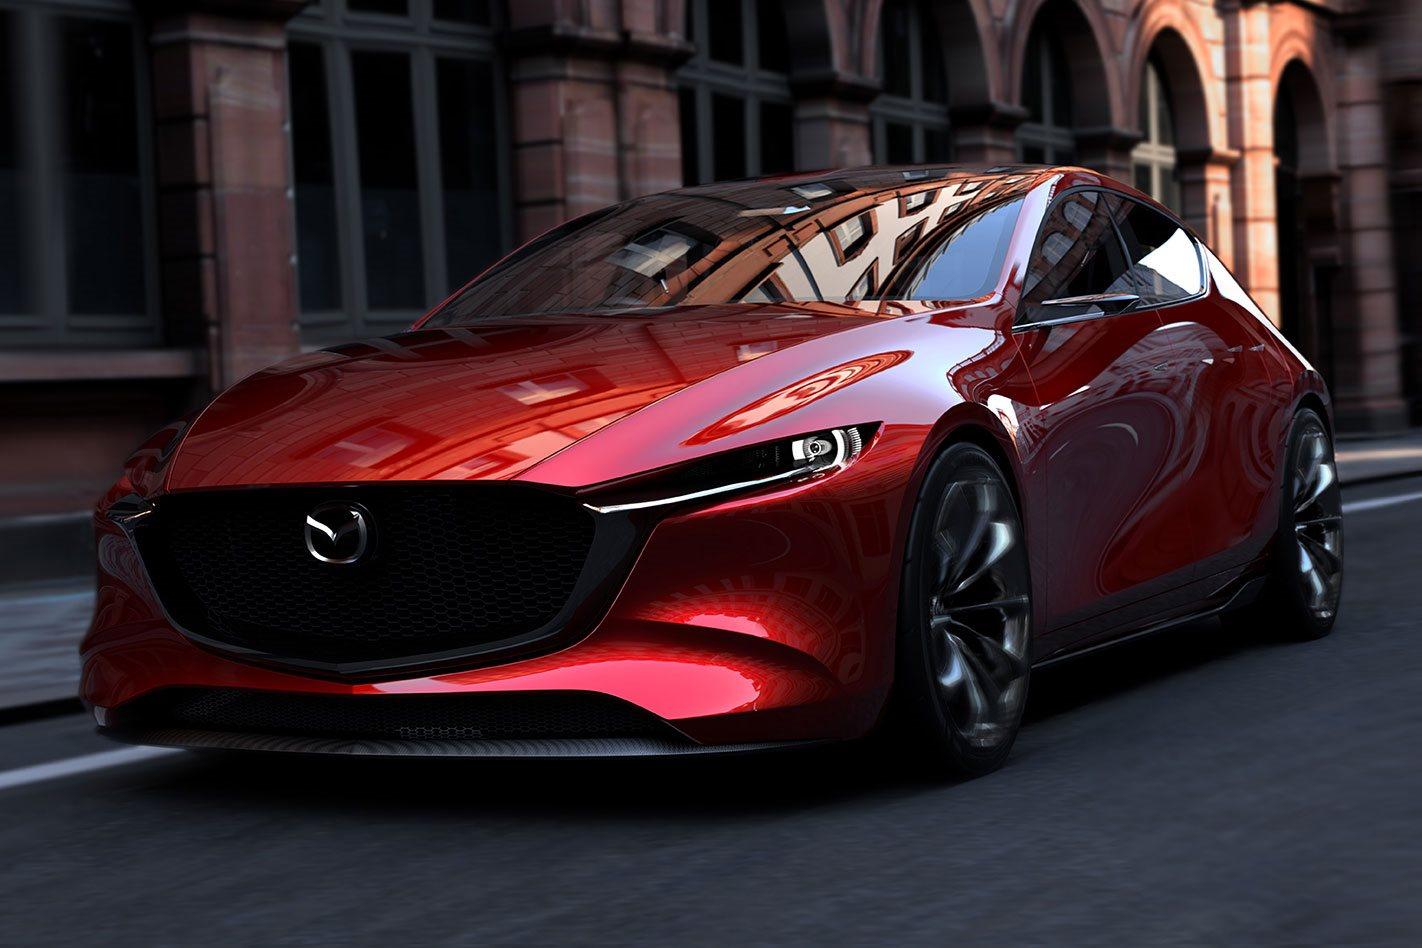 2017 Mazda Kei concept